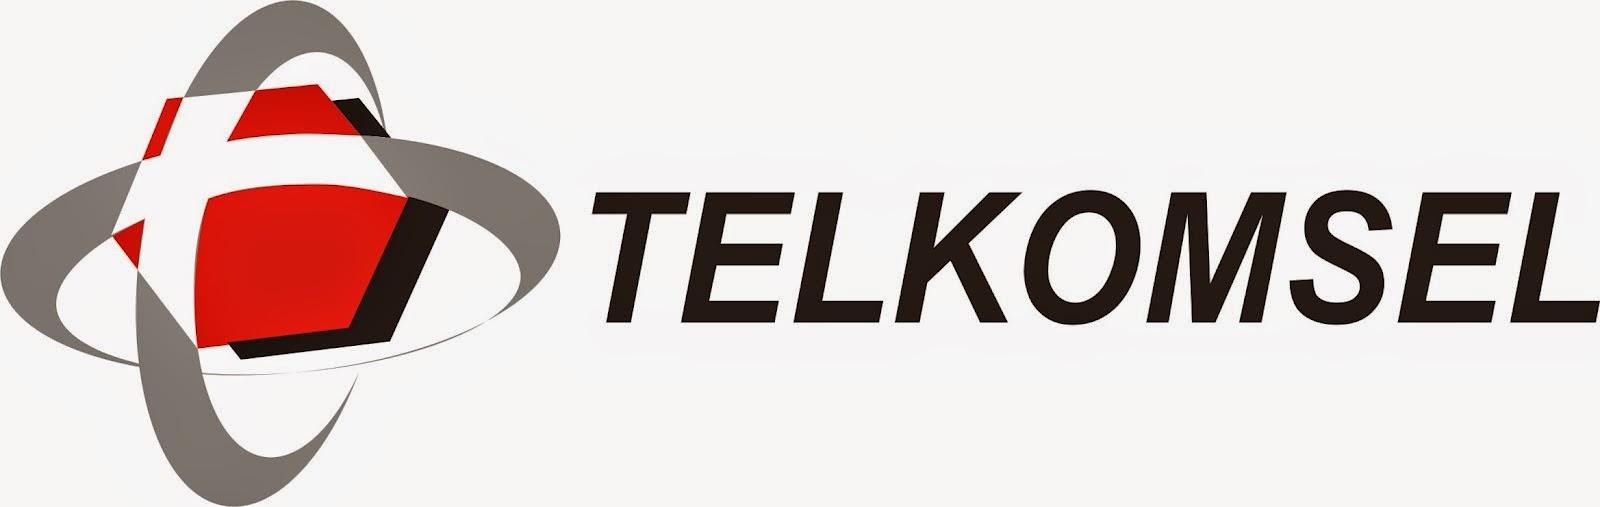 Panduan Lengkap Cara Setting Dial-up Kartu Telkomsel Di Windows 7 Sampai Konek Terbaru